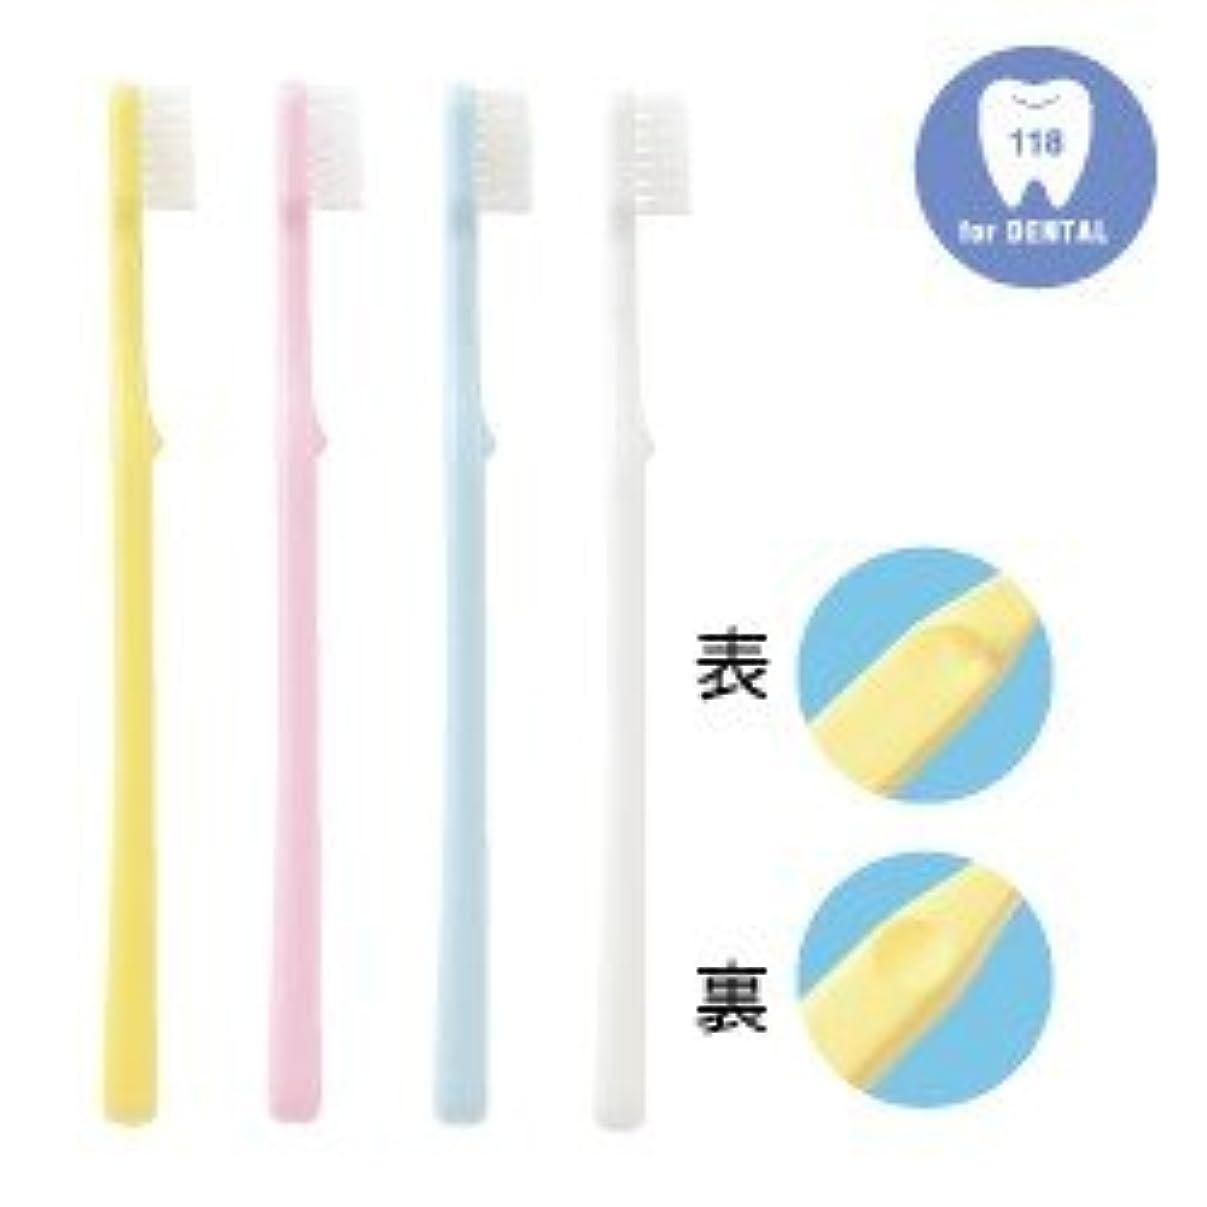 スクレーパー手伝う毎月歯科専用歯ブラシ フォーカス 子供用 118シリーズ M(ふつう) 20本